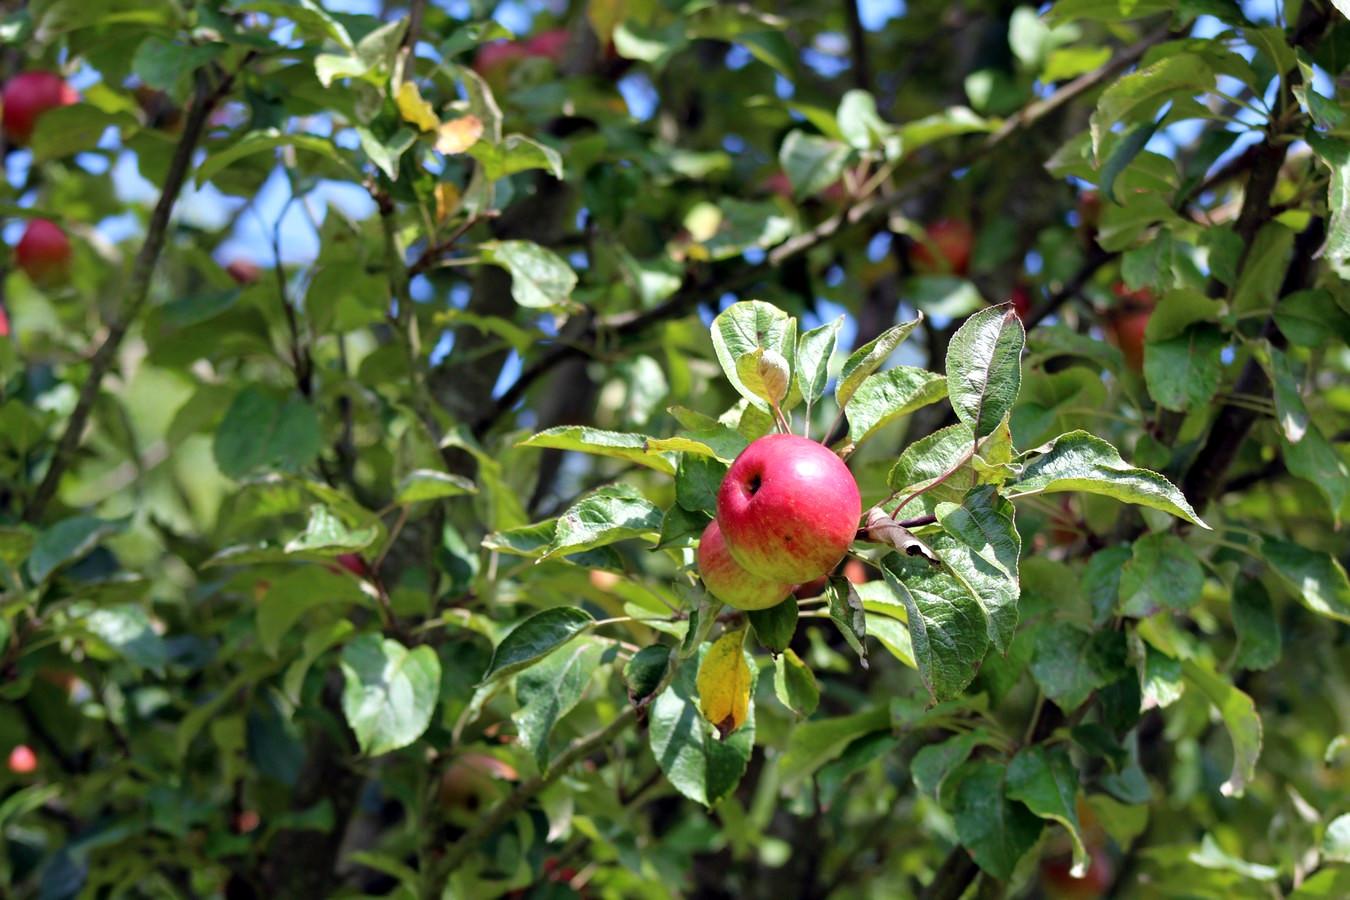 [Fil ouvert] Fruit sur l'arbre - Page 9 209311013Copier